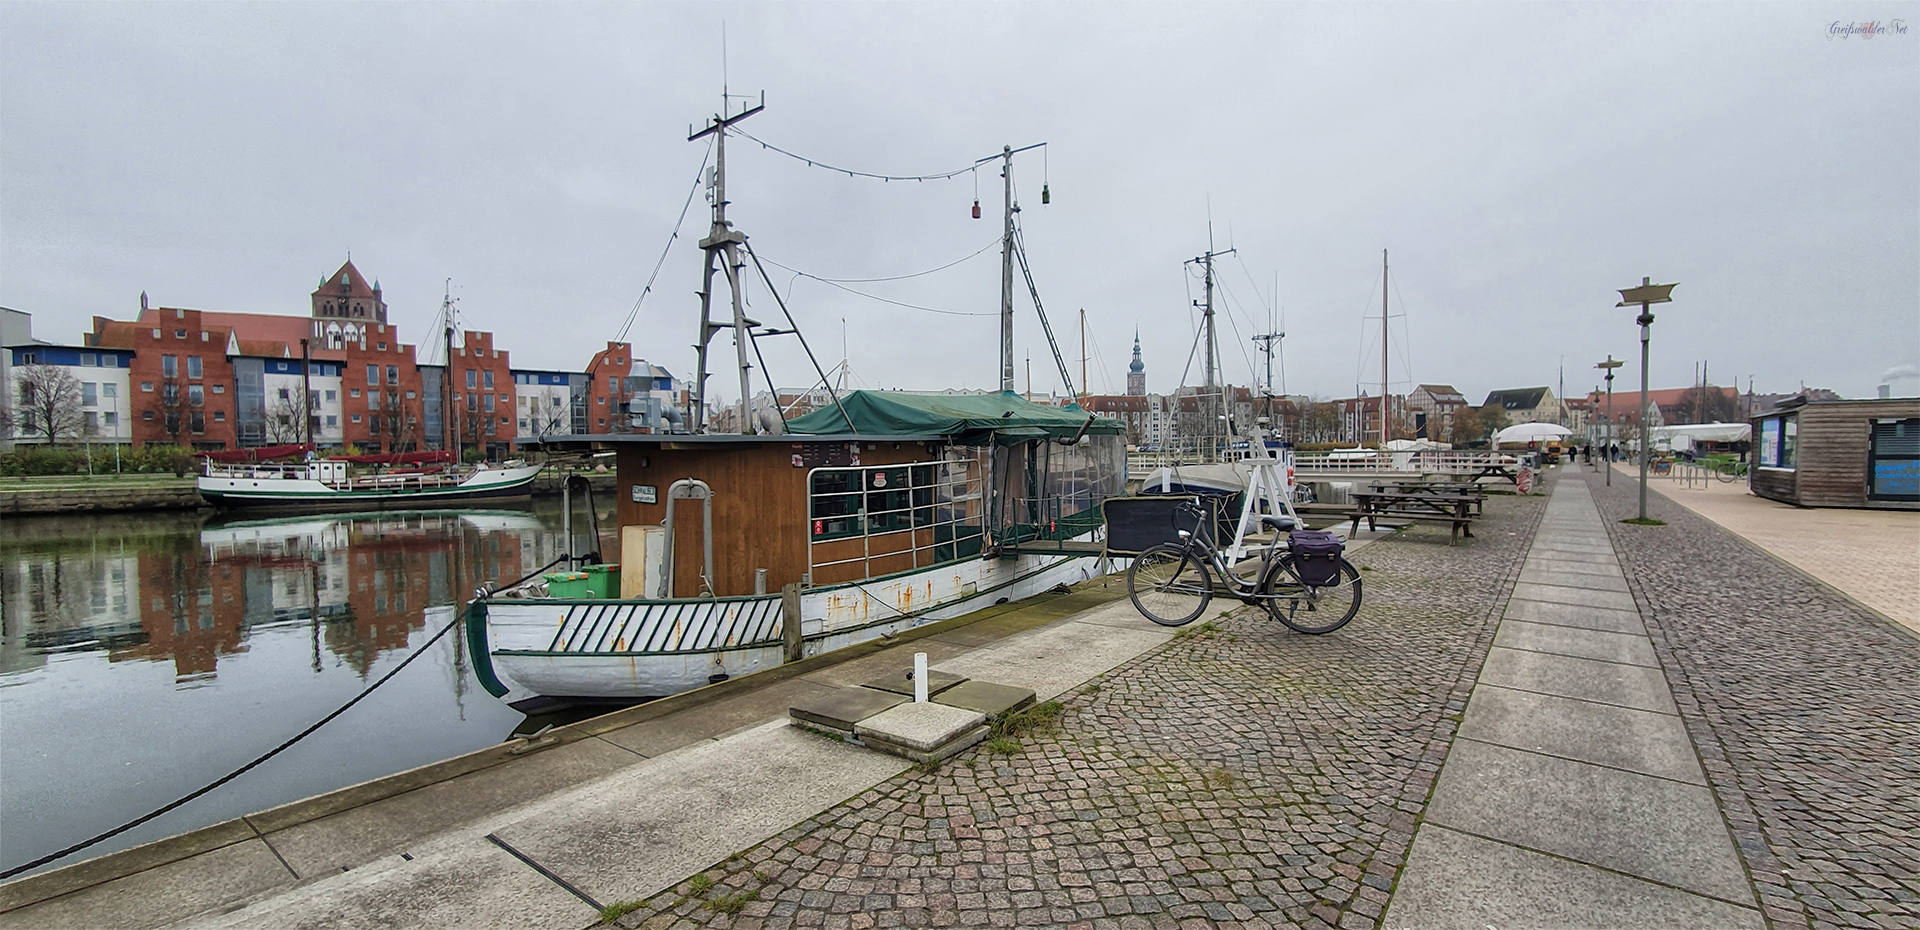 November-Sonntag am Museumshafen in Greifswald